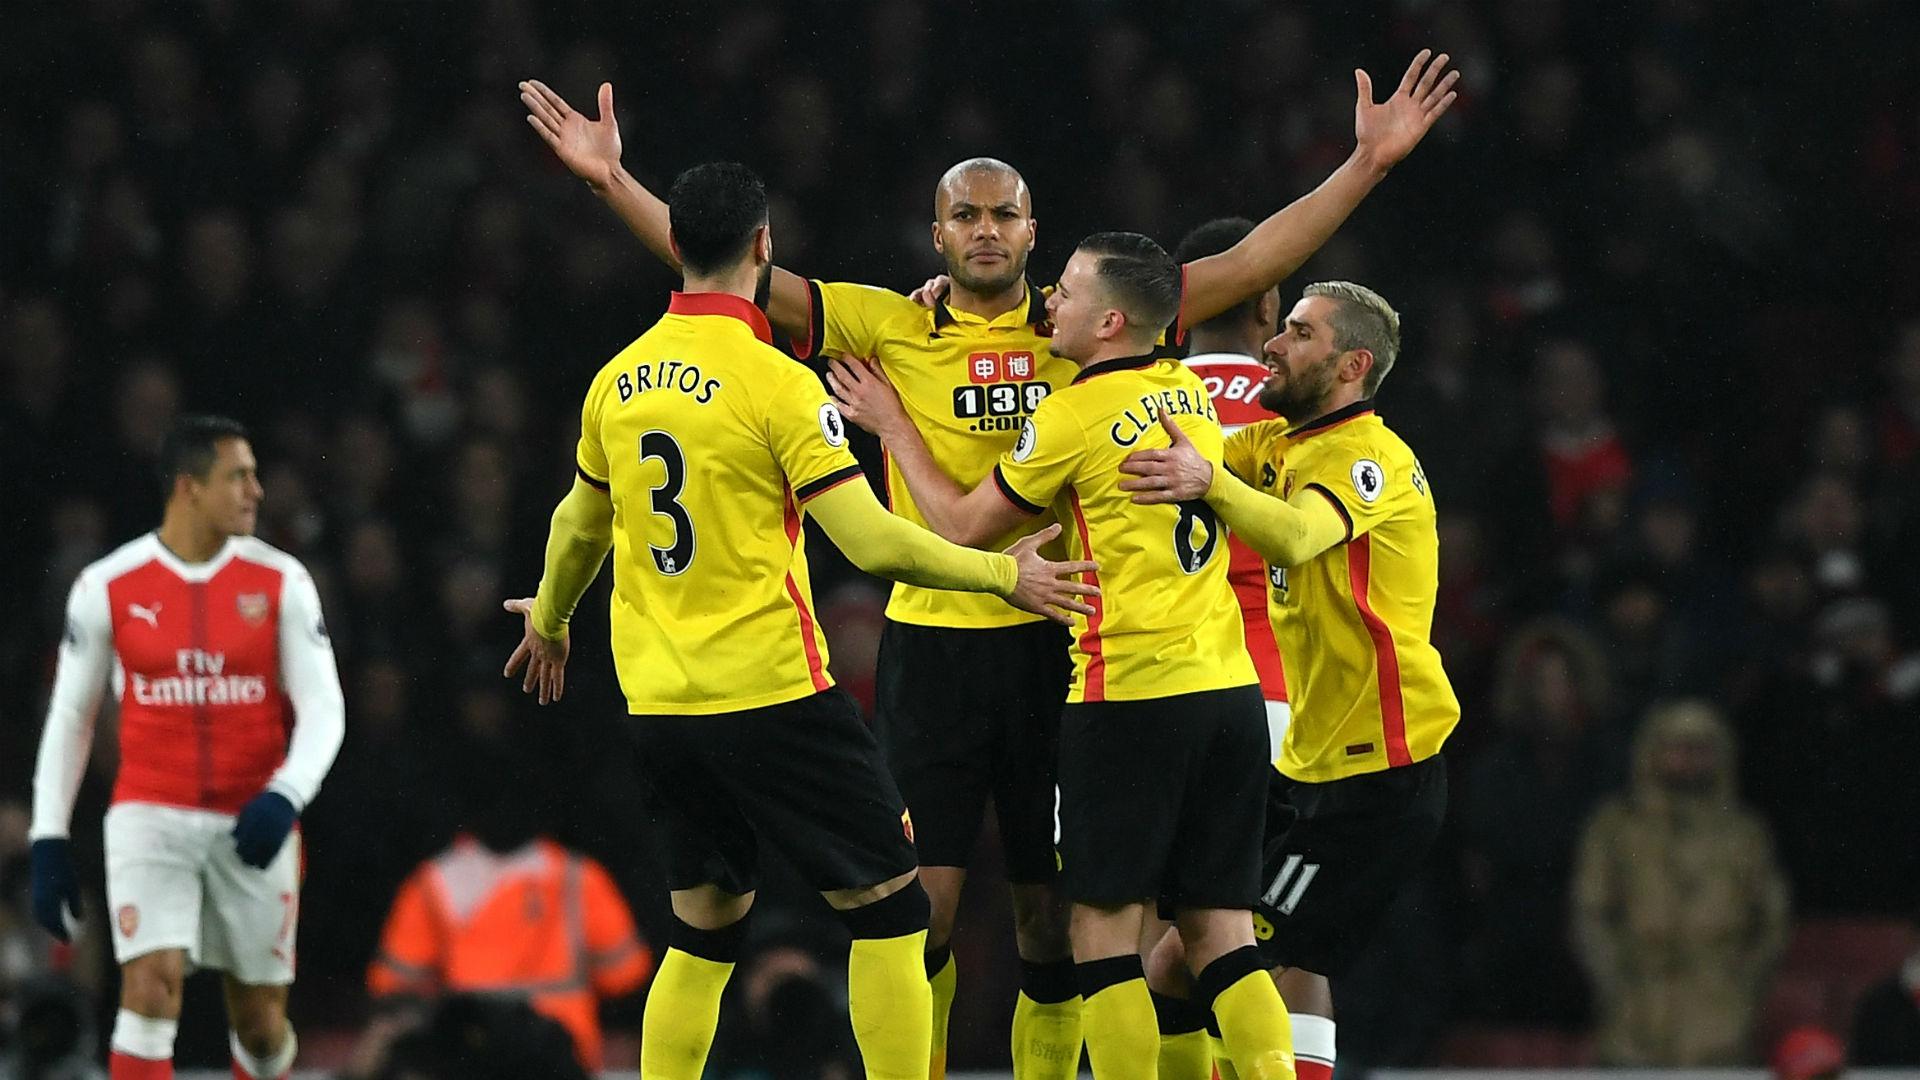 Arsenal Gagal Pertahankan Posisi 2 Setelah Dilibas Watford